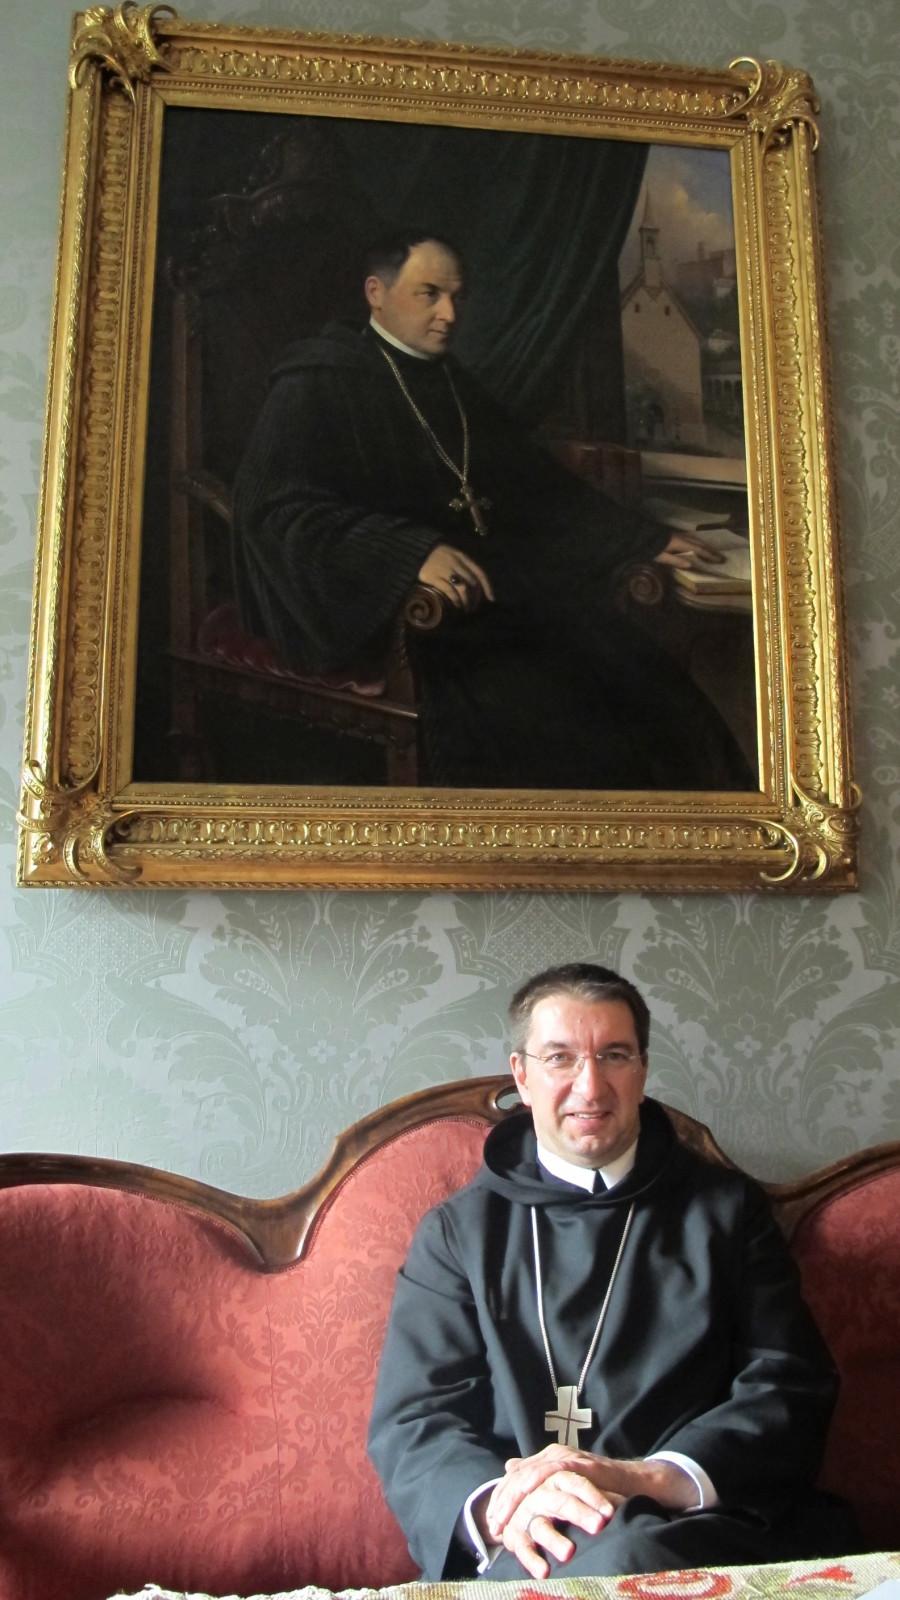 Erzabt von St. Peter Korbinian Birnbacher unter dem Bild eines Vorgängers.